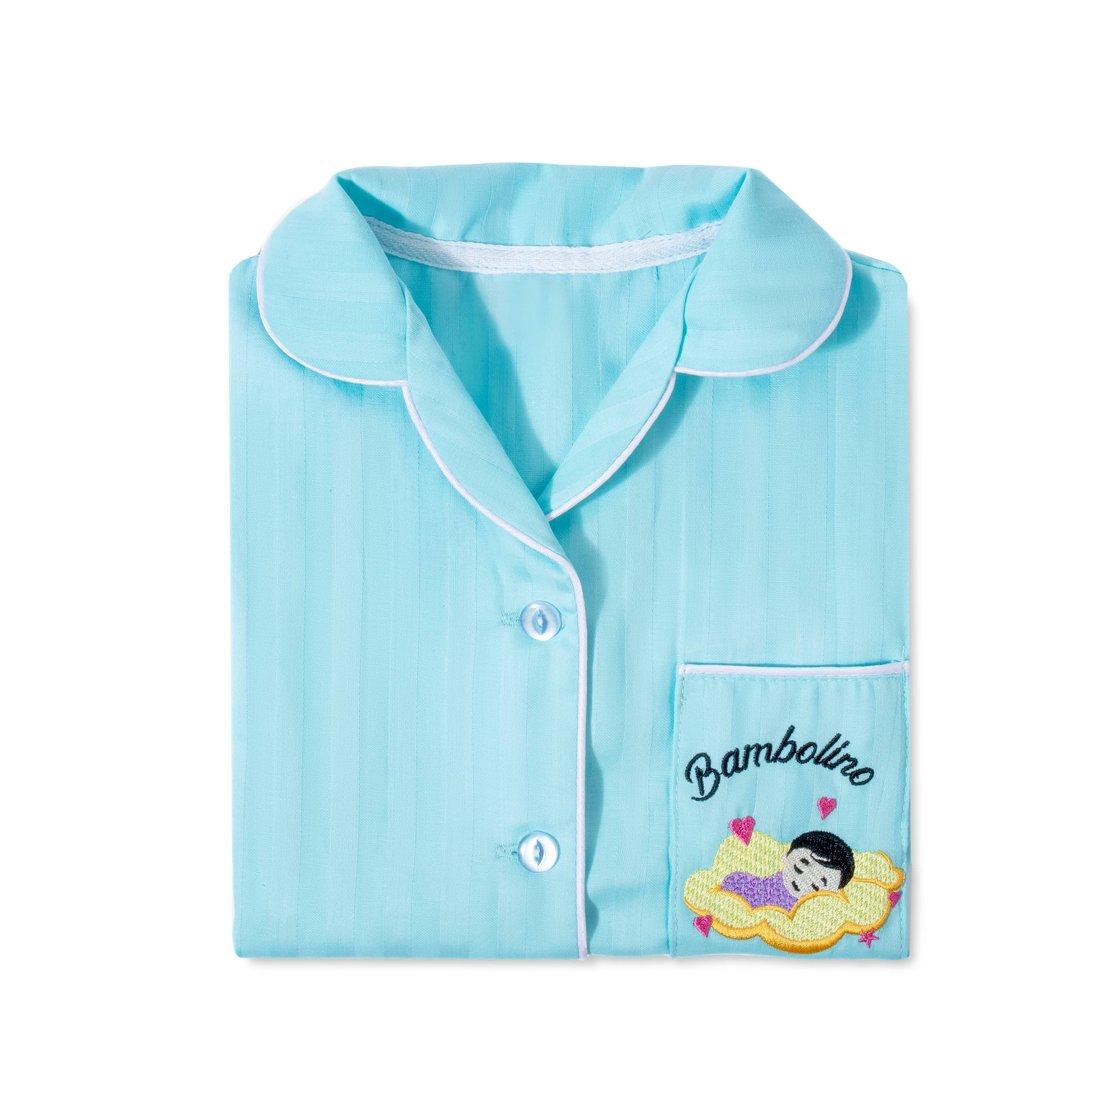 Детская пижама Bambolino, голубая 98 шапка детская barkito голубая